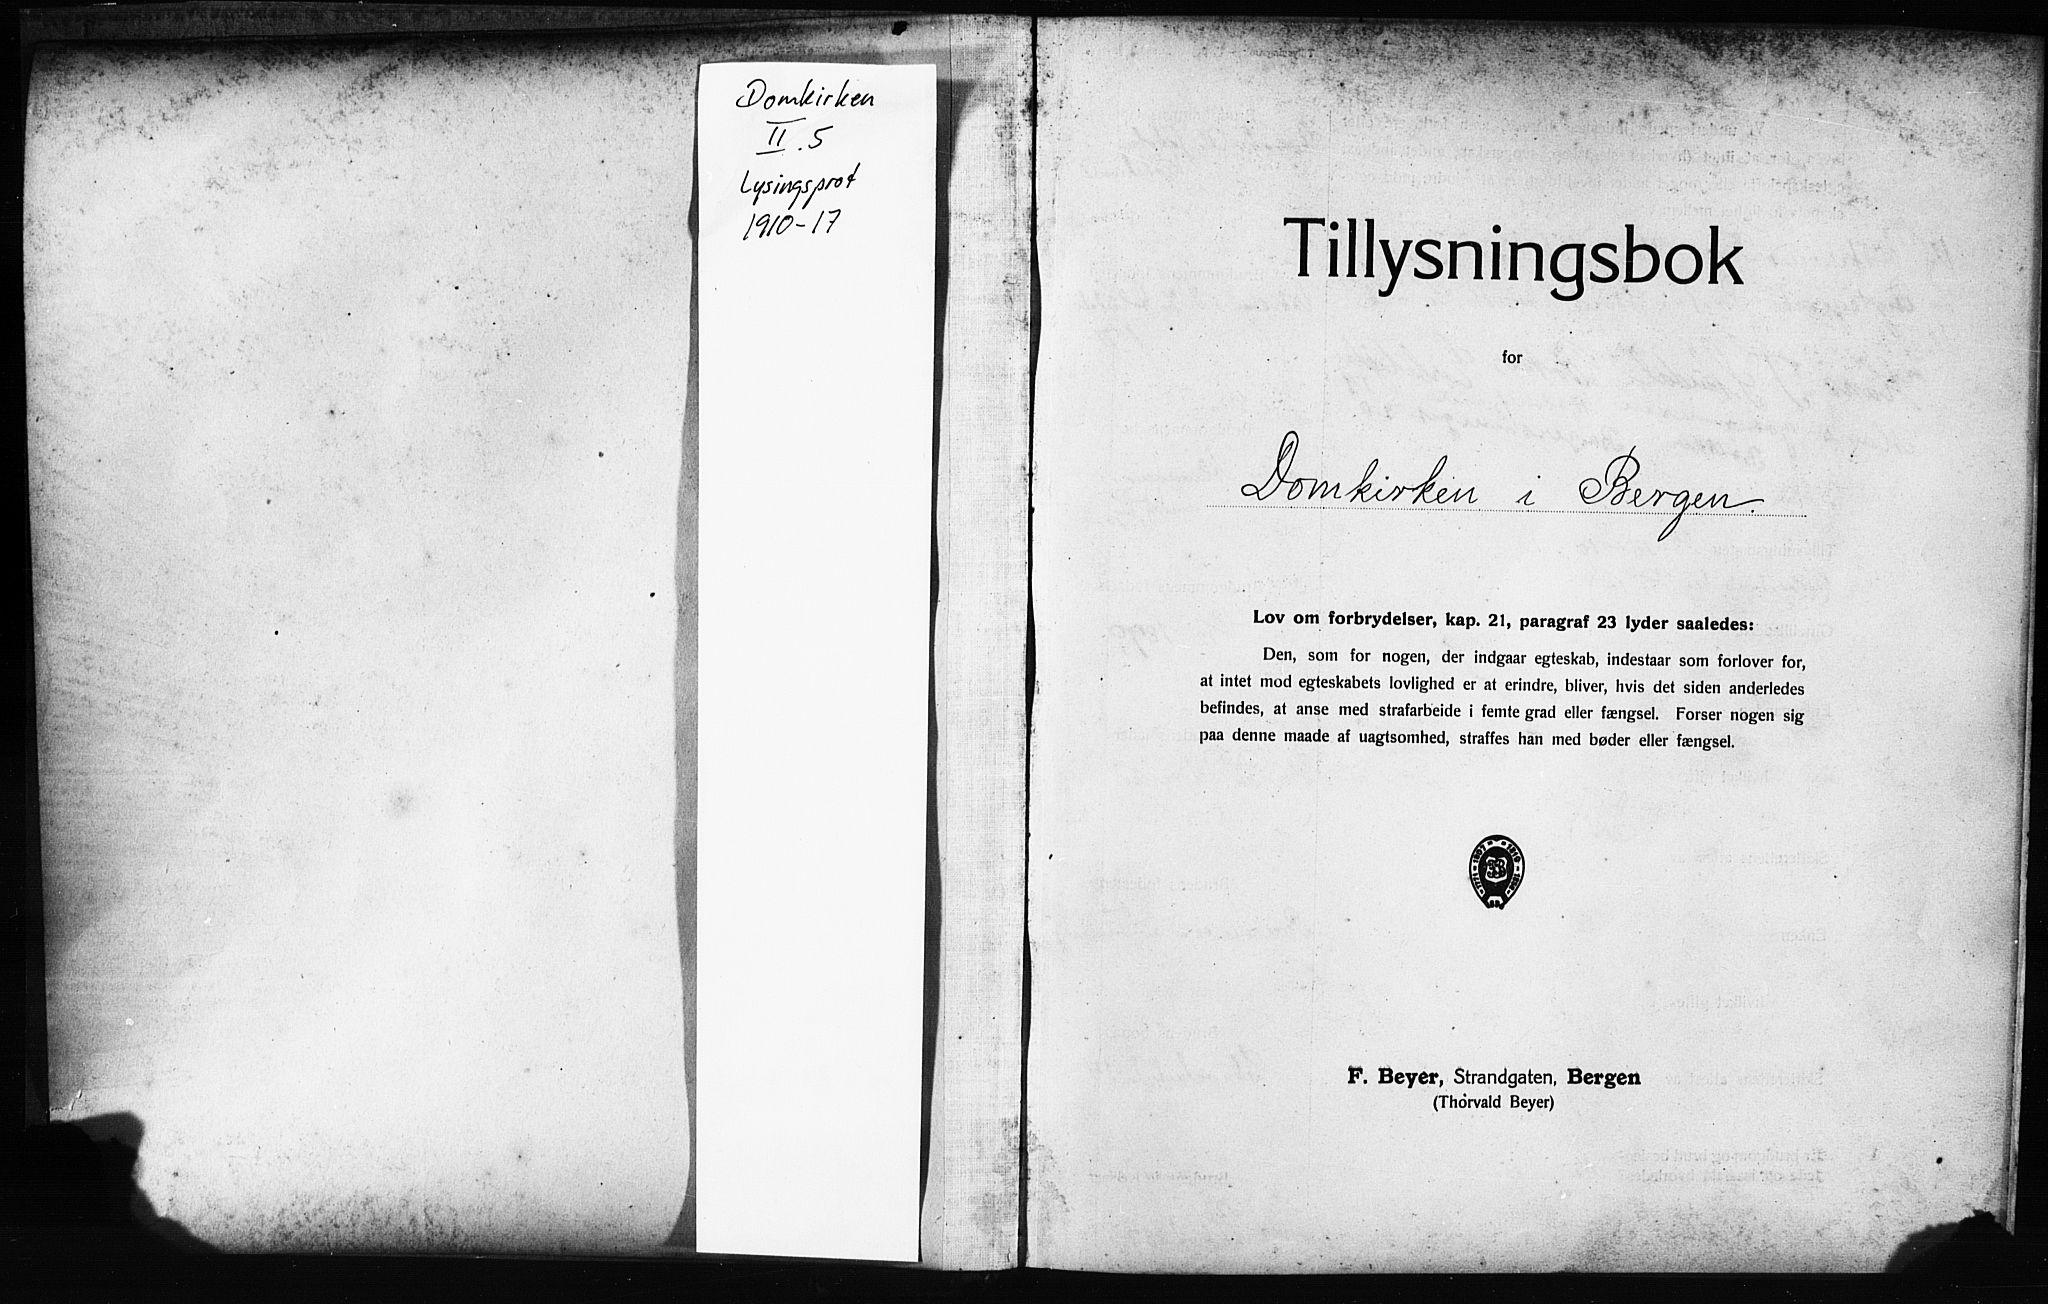 SAB, Domkirken Sokneprestembete, Forlovererklæringer nr. II.5.12, 1910-1917, s. 1